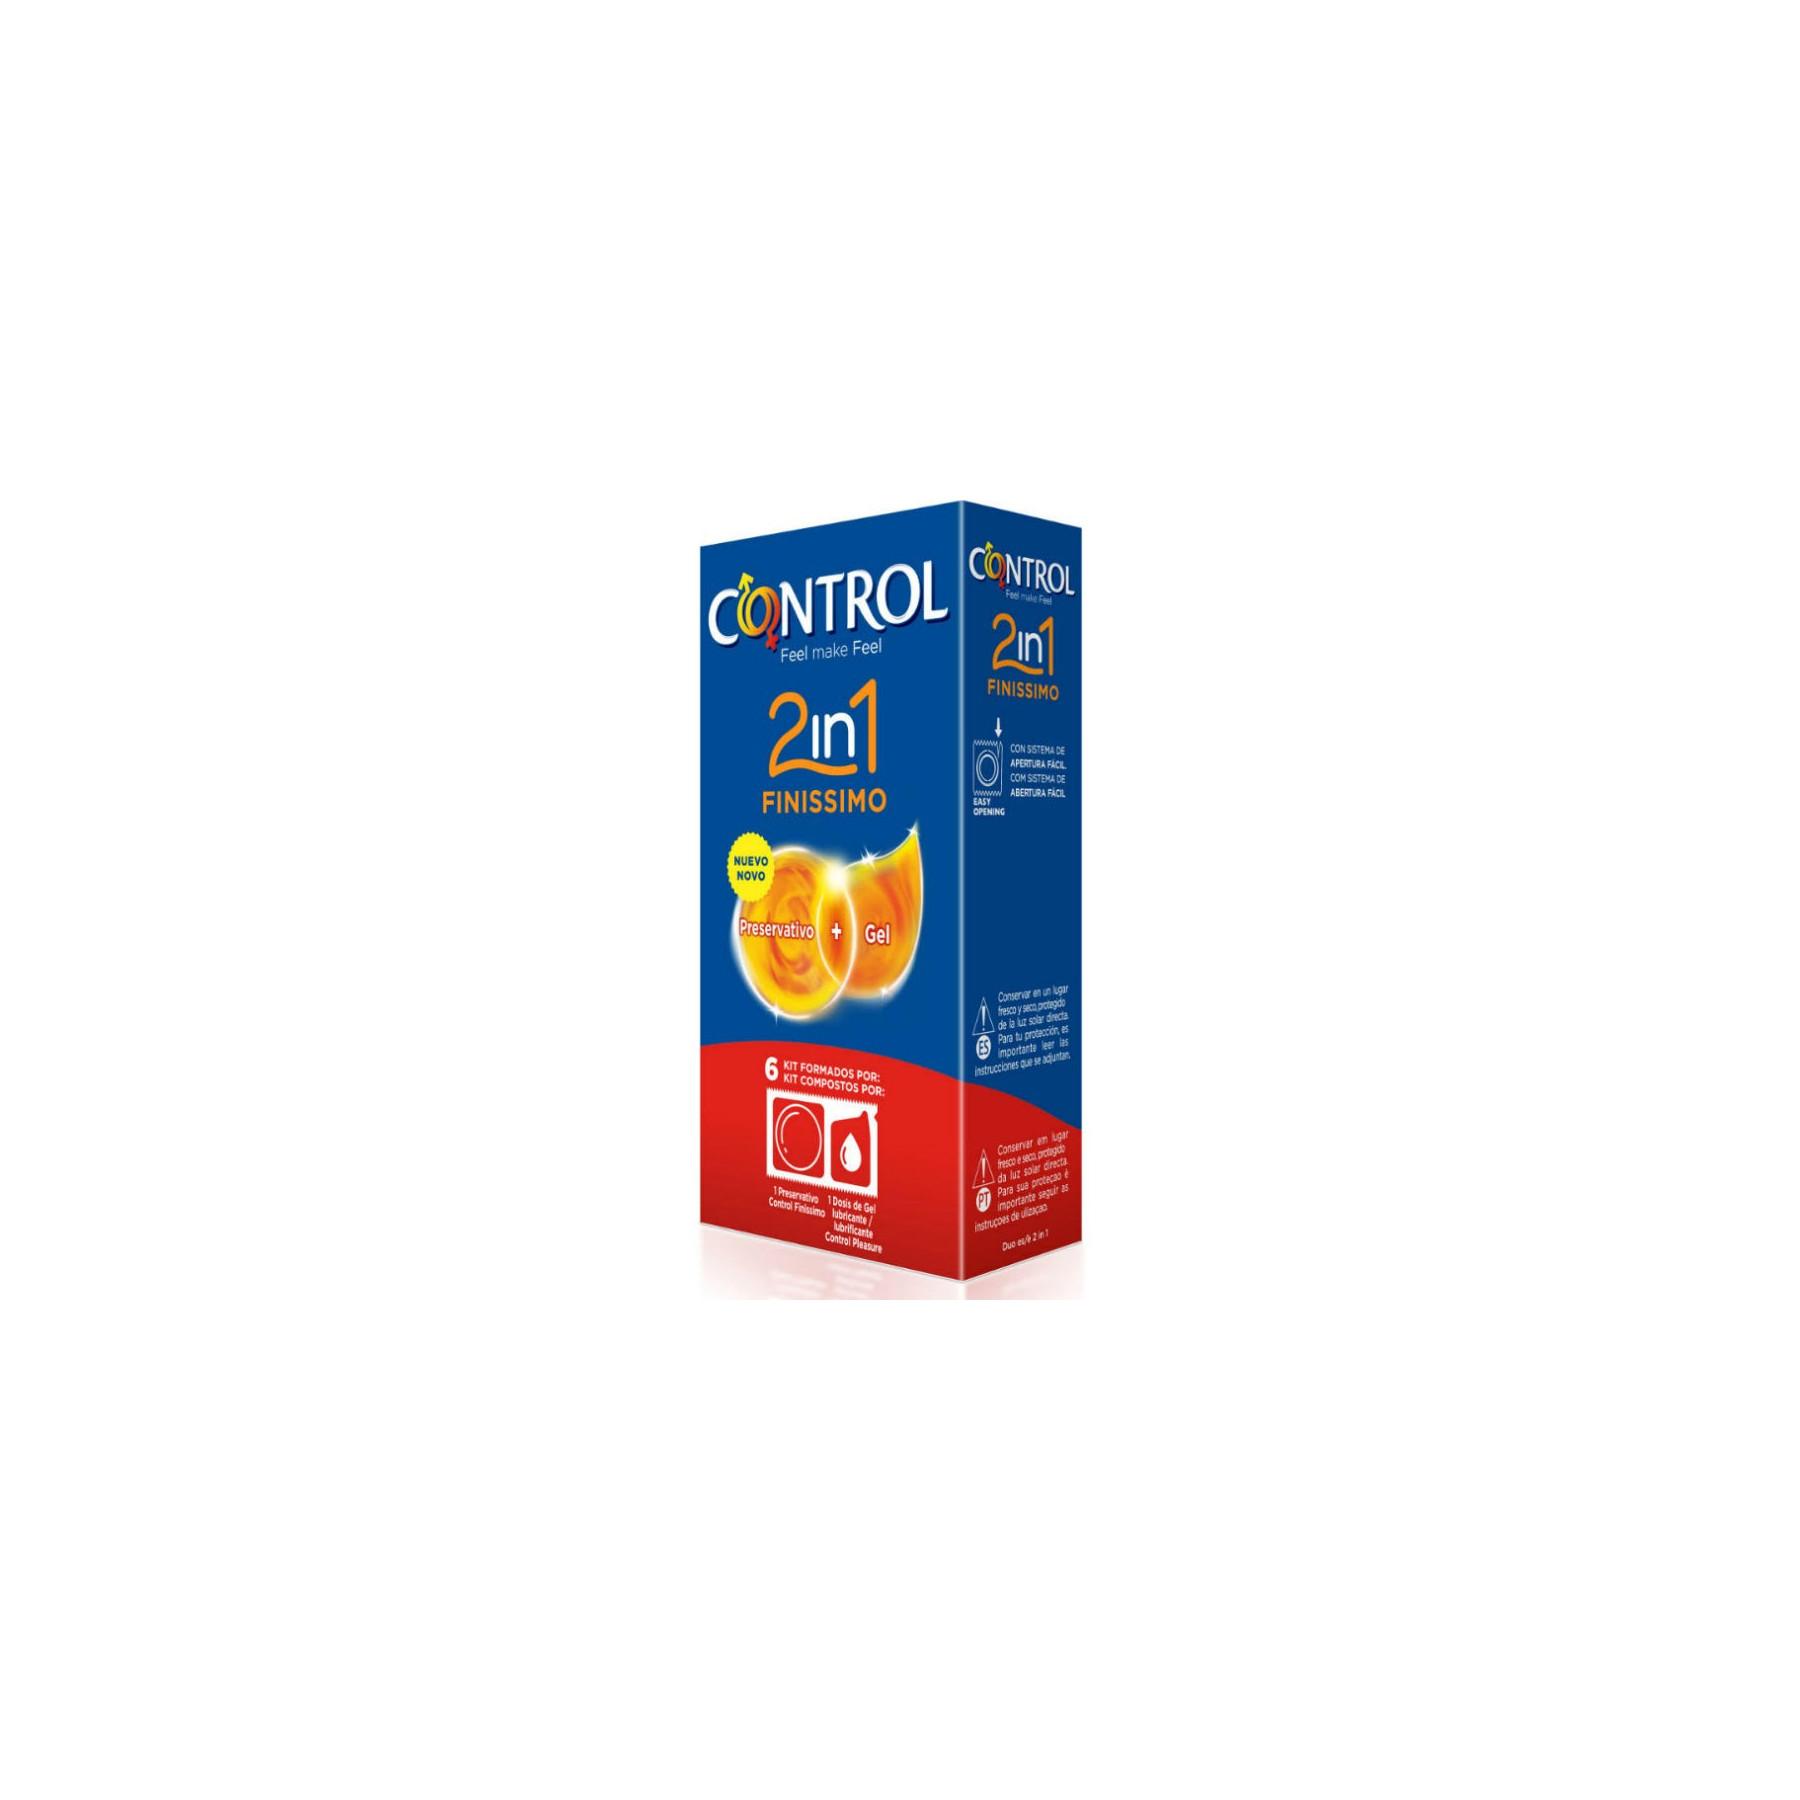 Preservativi Control Finissimo con lubrificante monodose